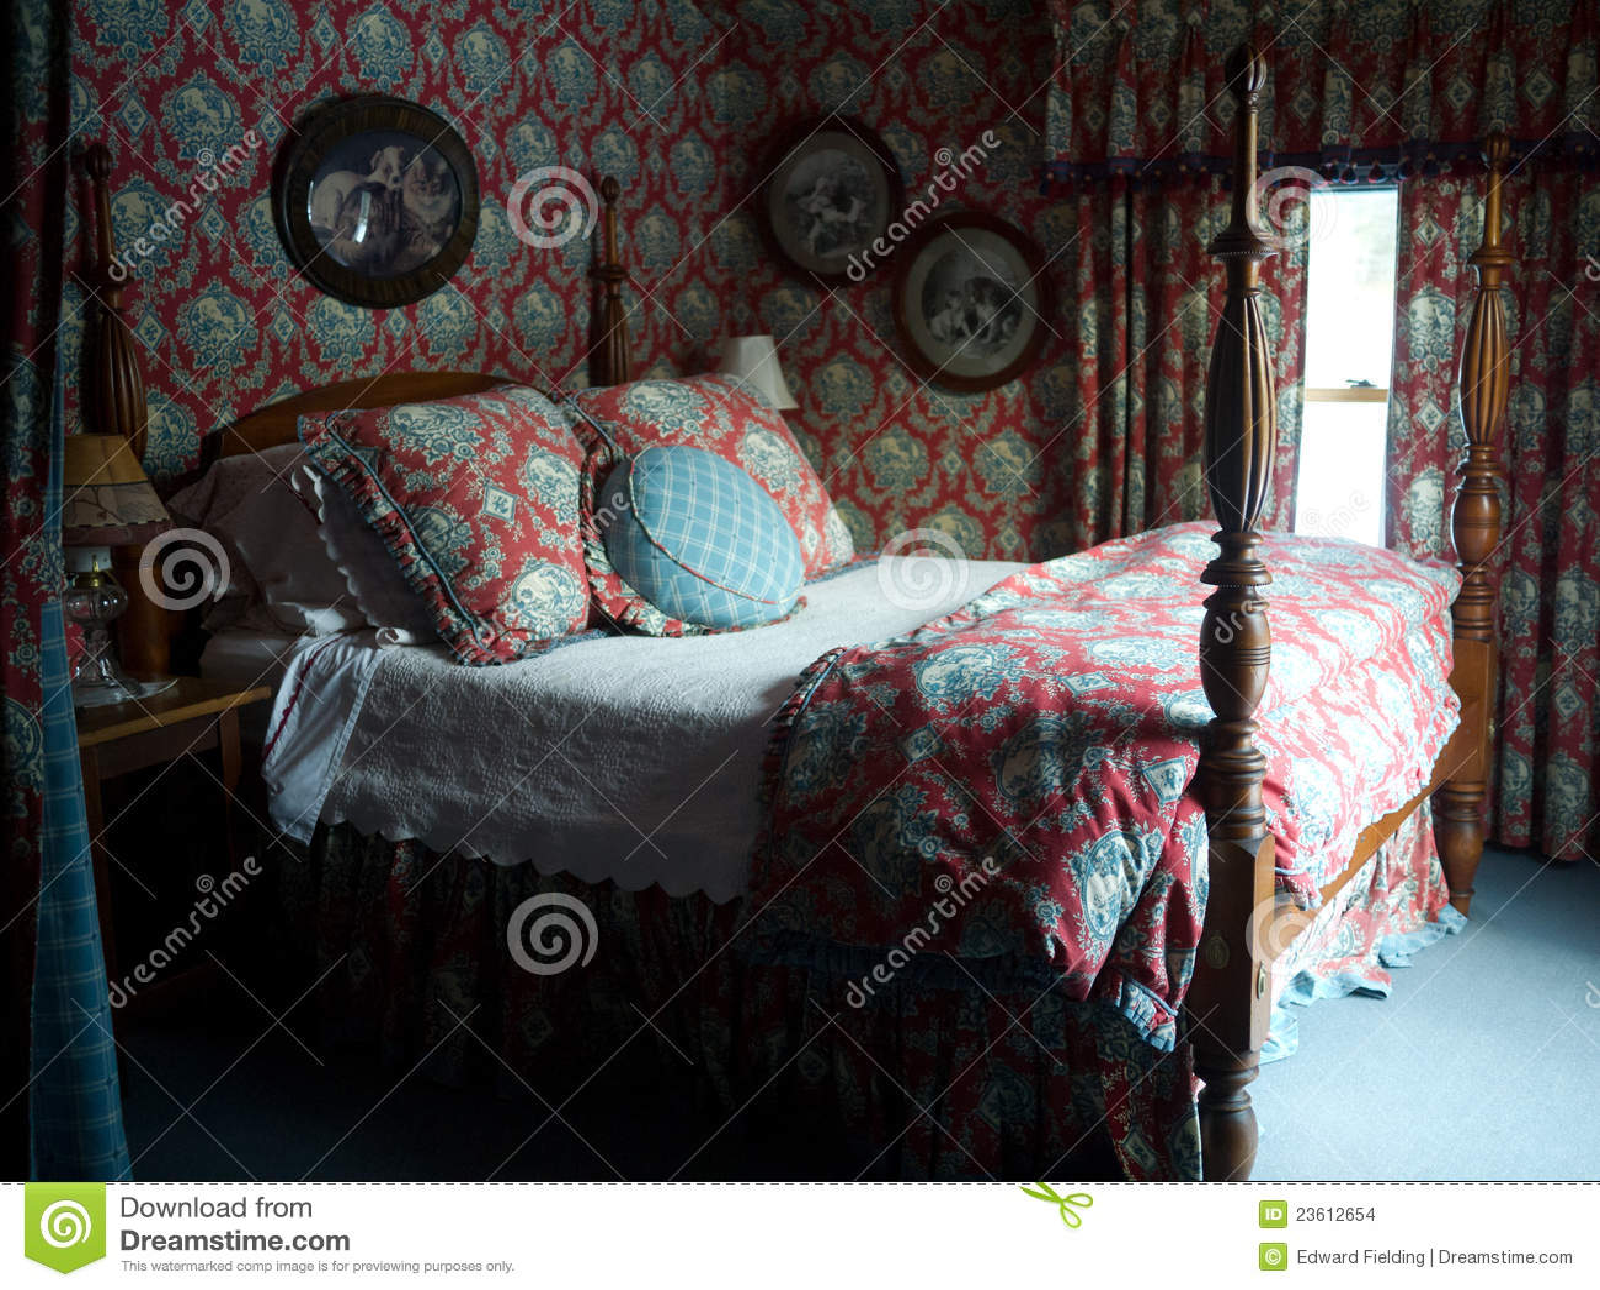 Romantische slaapkamer stock afbeeldingen beeld 23612654 - Romantische slaapkamer ...